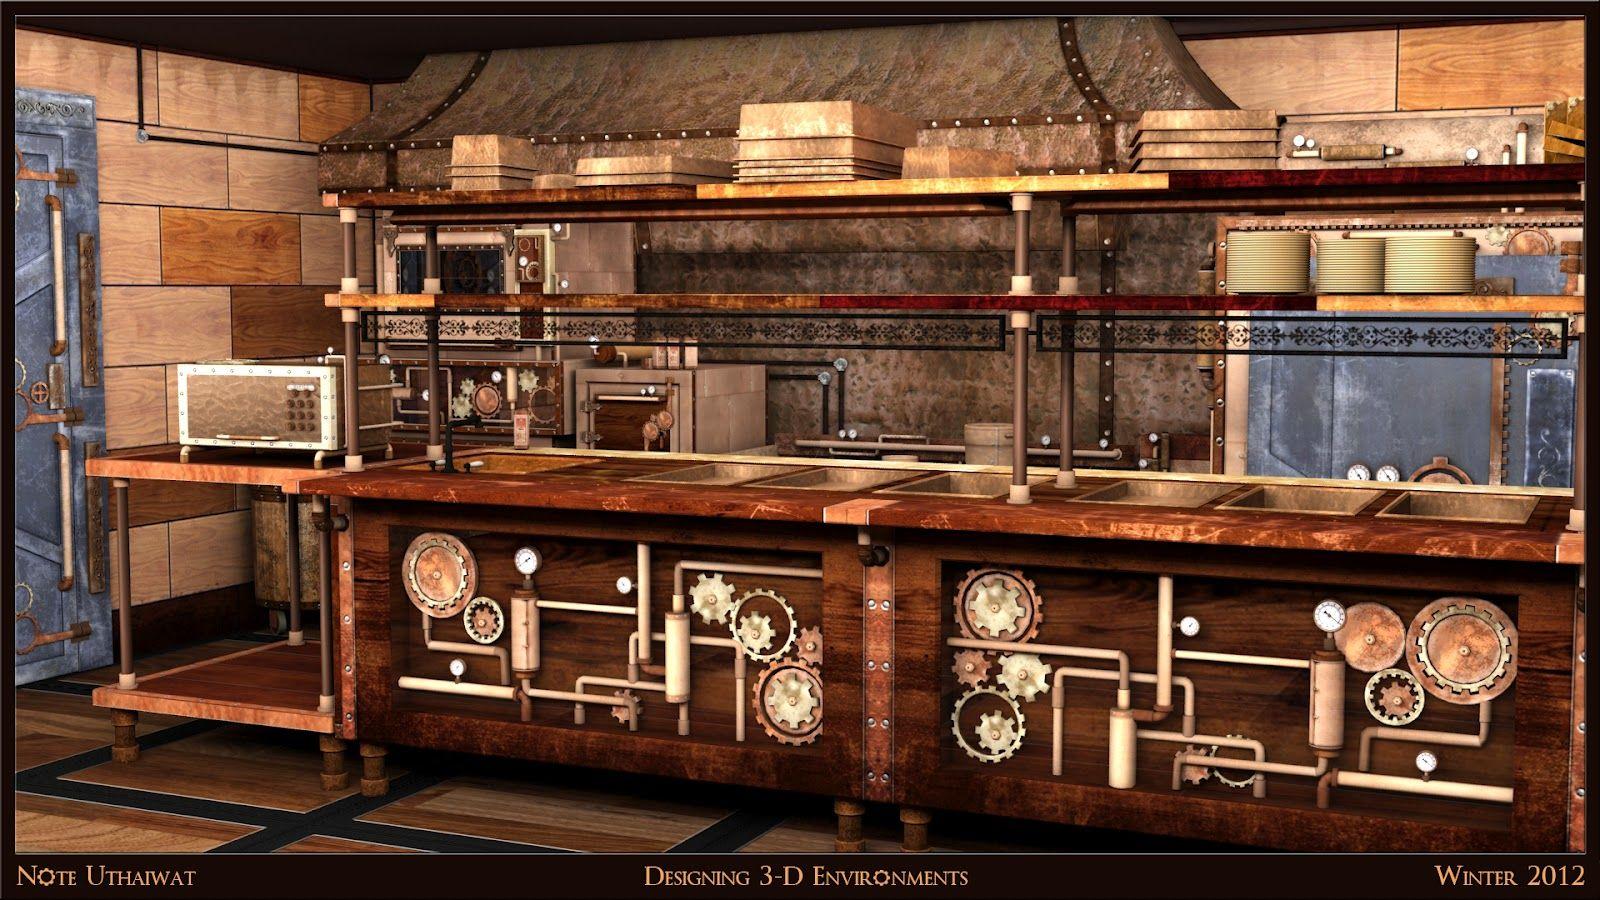 steampunk kitchen design steampunk furniture steampunk kitchen design kitchen designs steam punk google search